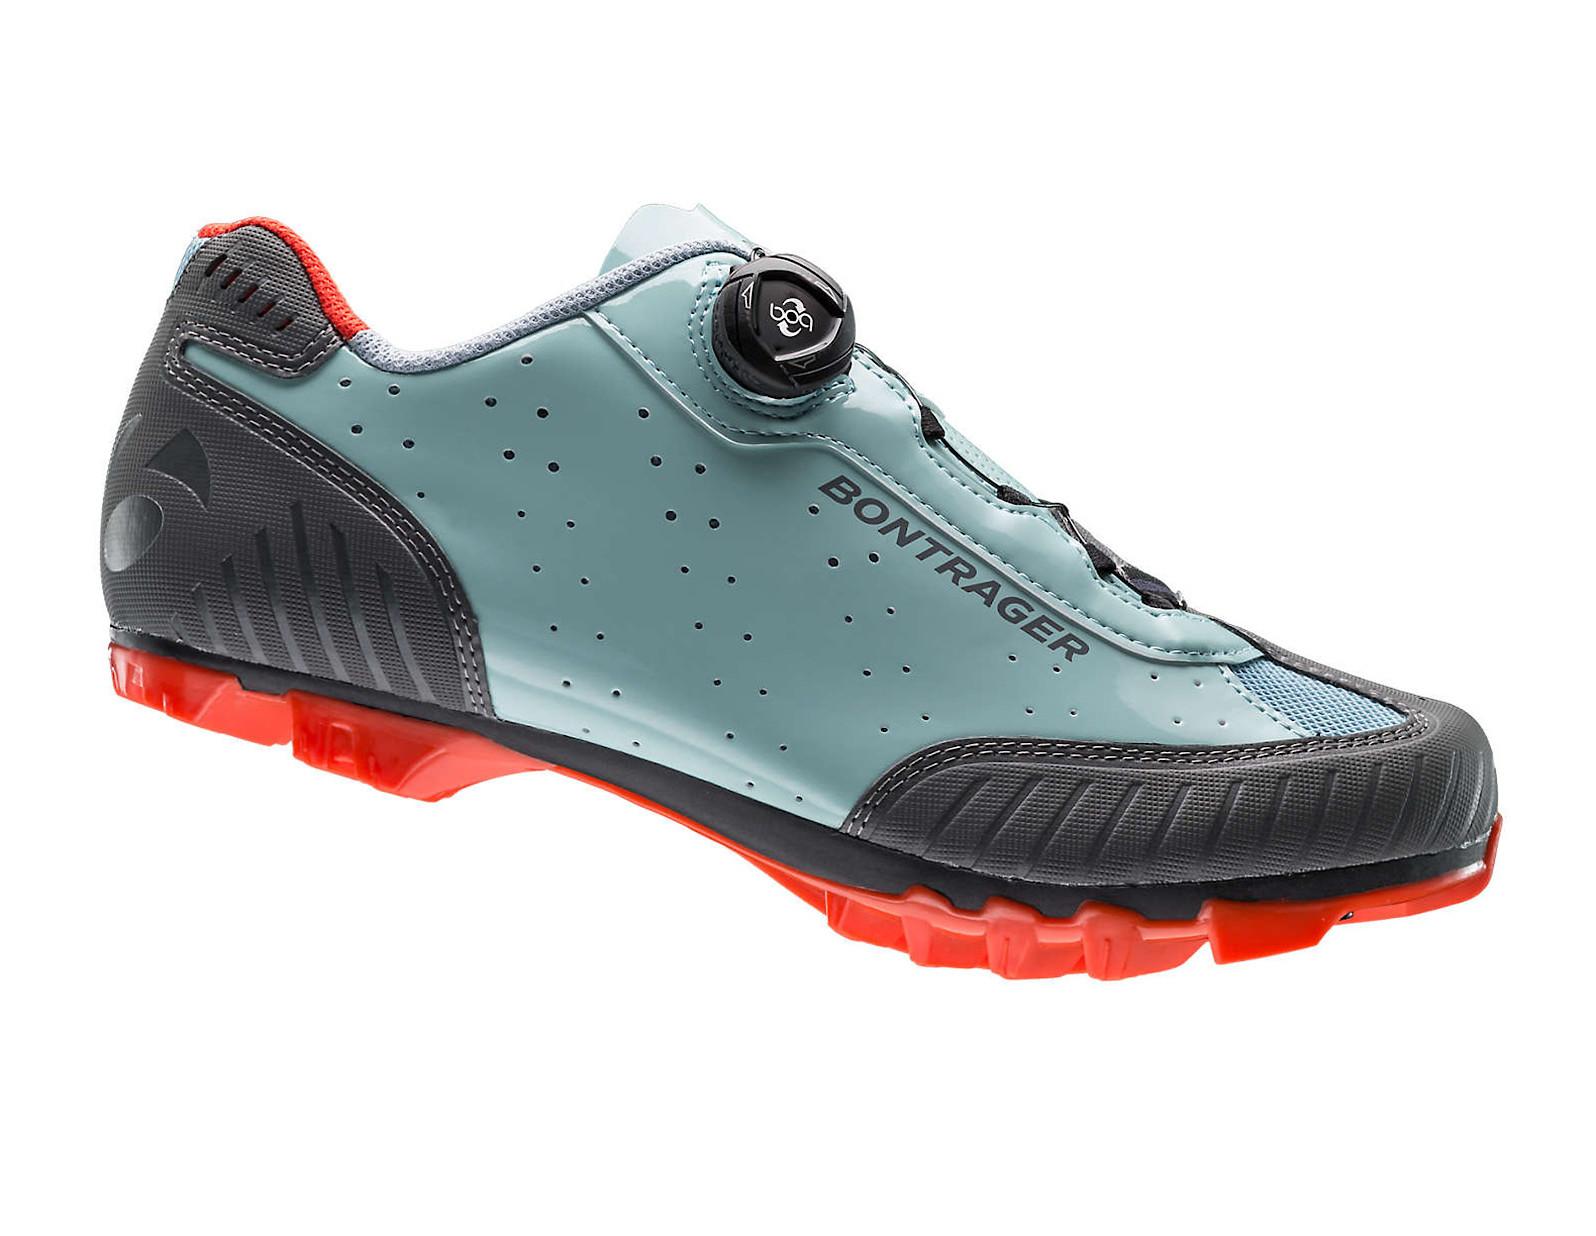 Bontrager Rovv Women's Mountain Shoe (Ocean Mist)